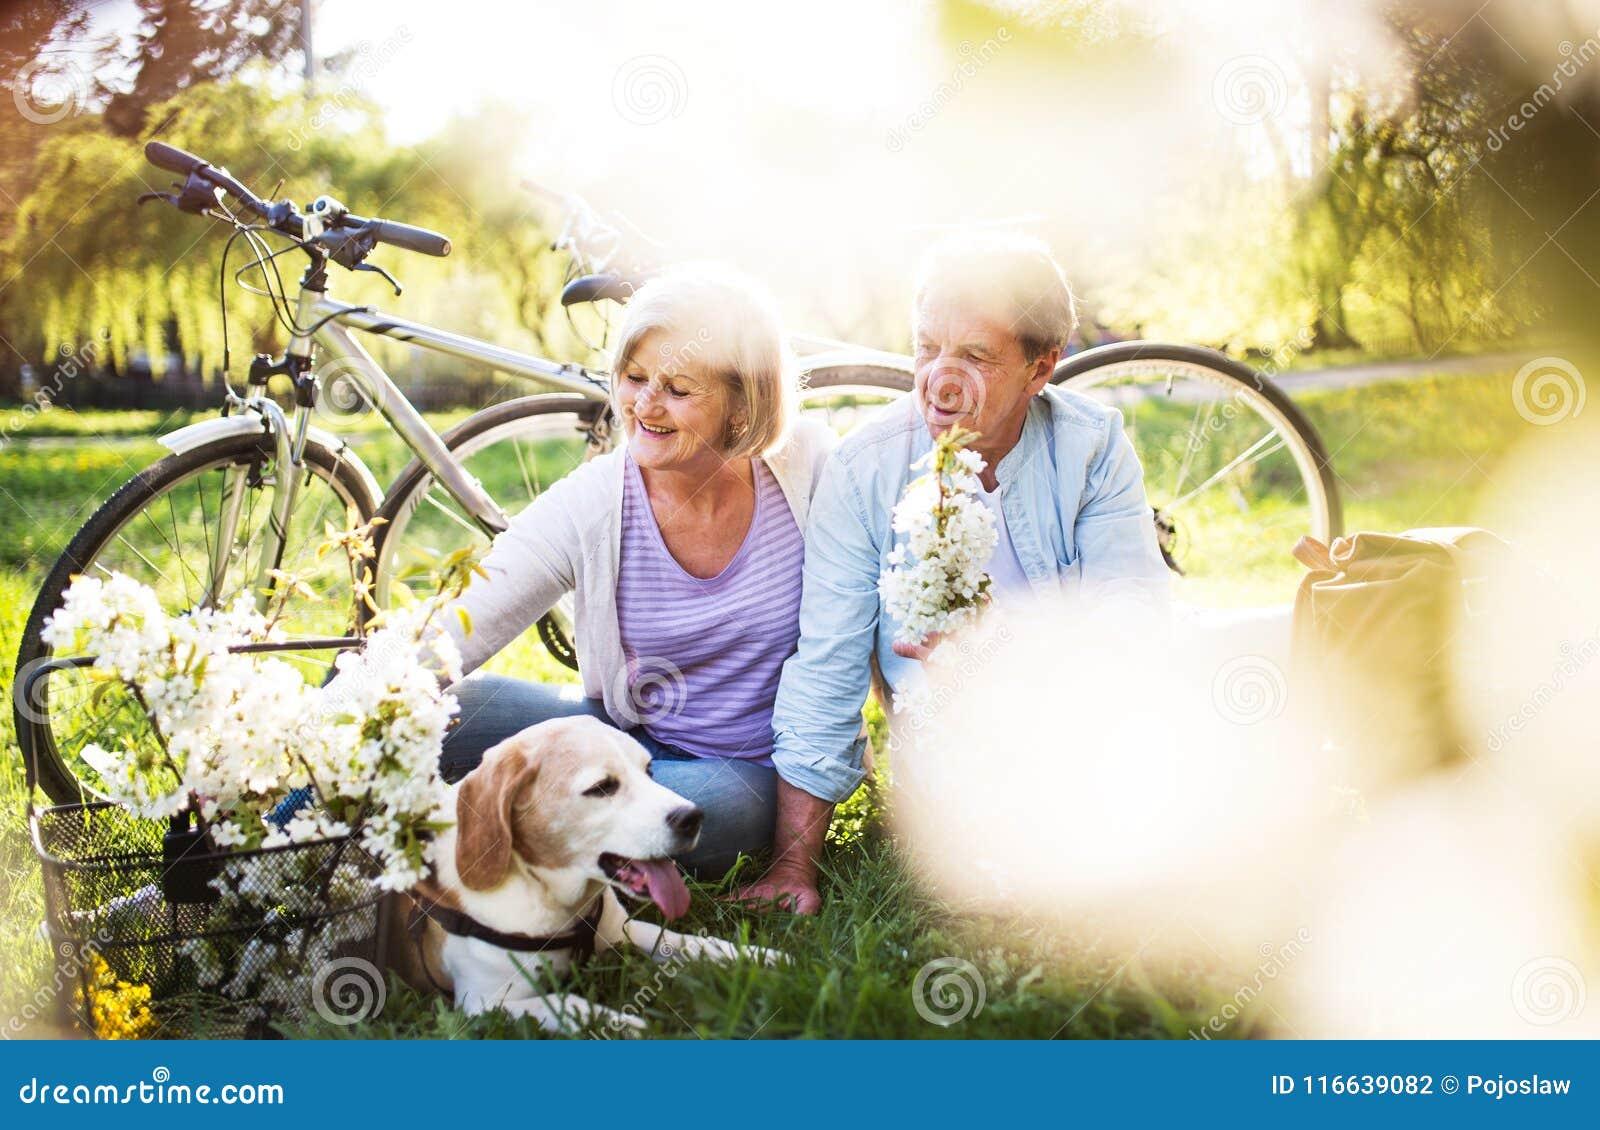 Mooi hoger paar met hond en fietsen buiten in de lenteaard